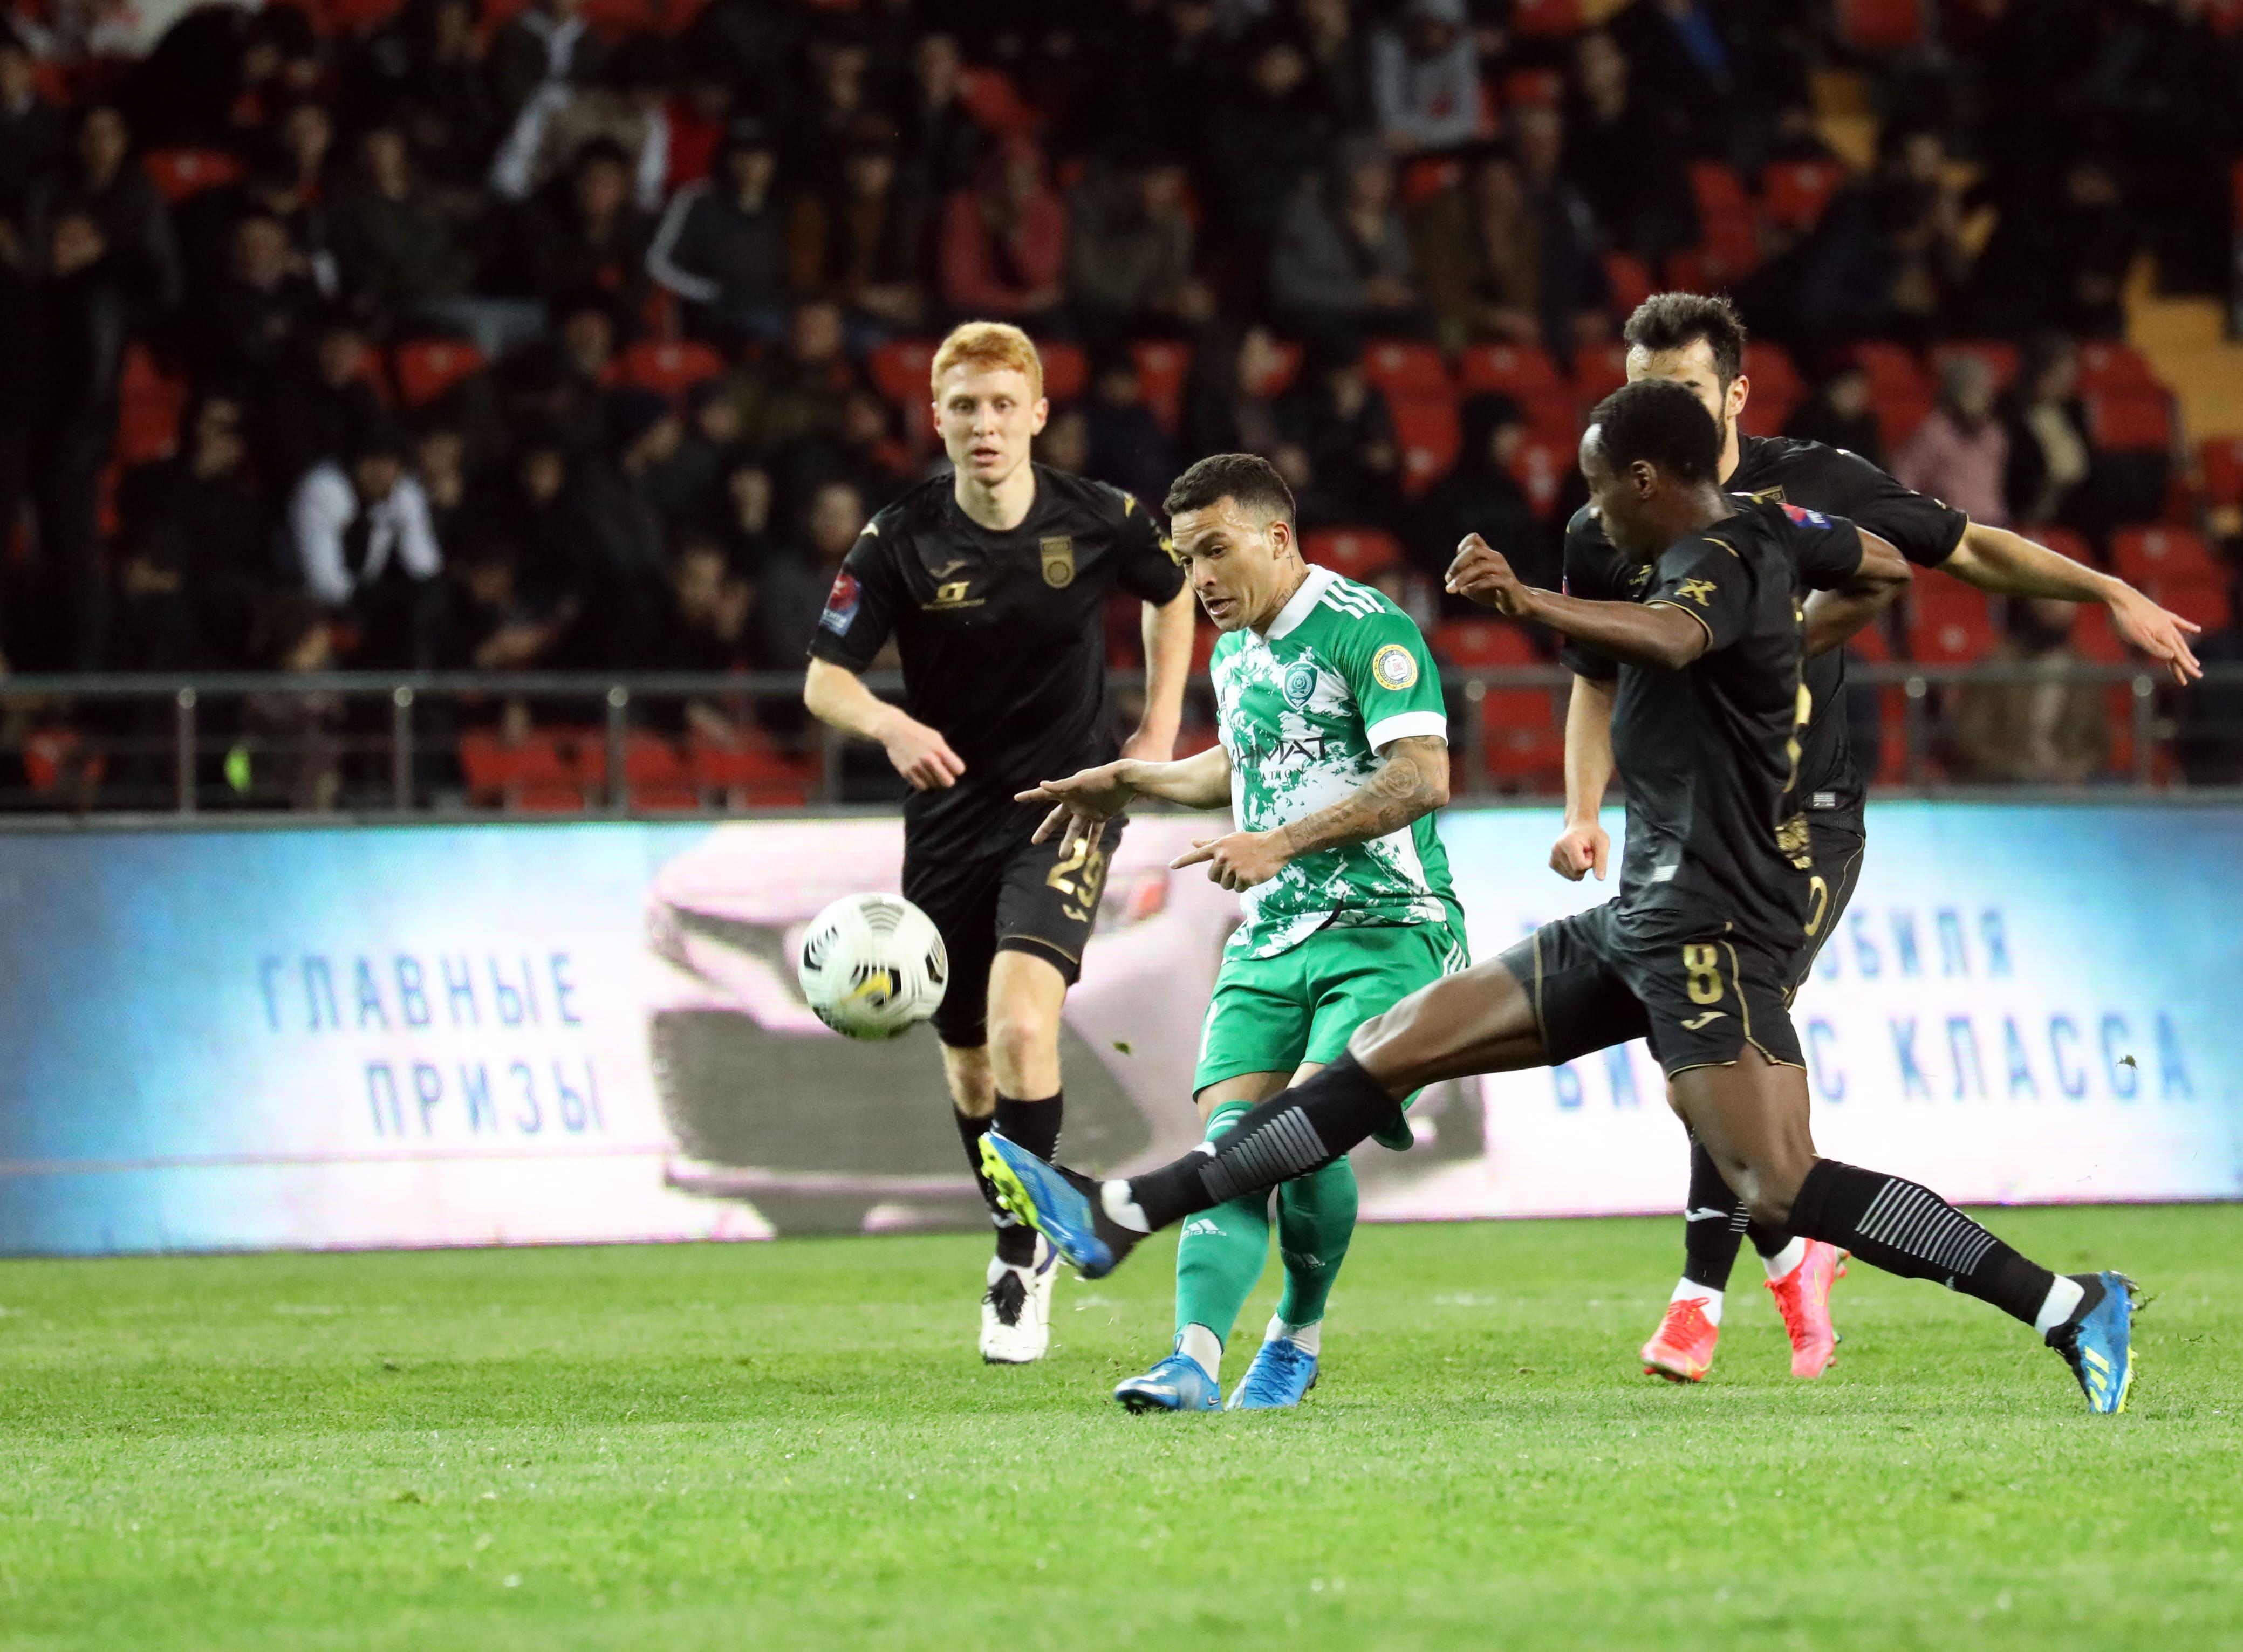 «Уфа» может обратиться в ЭСК из-за неназначенного пенальти в матче с «Ахматом»